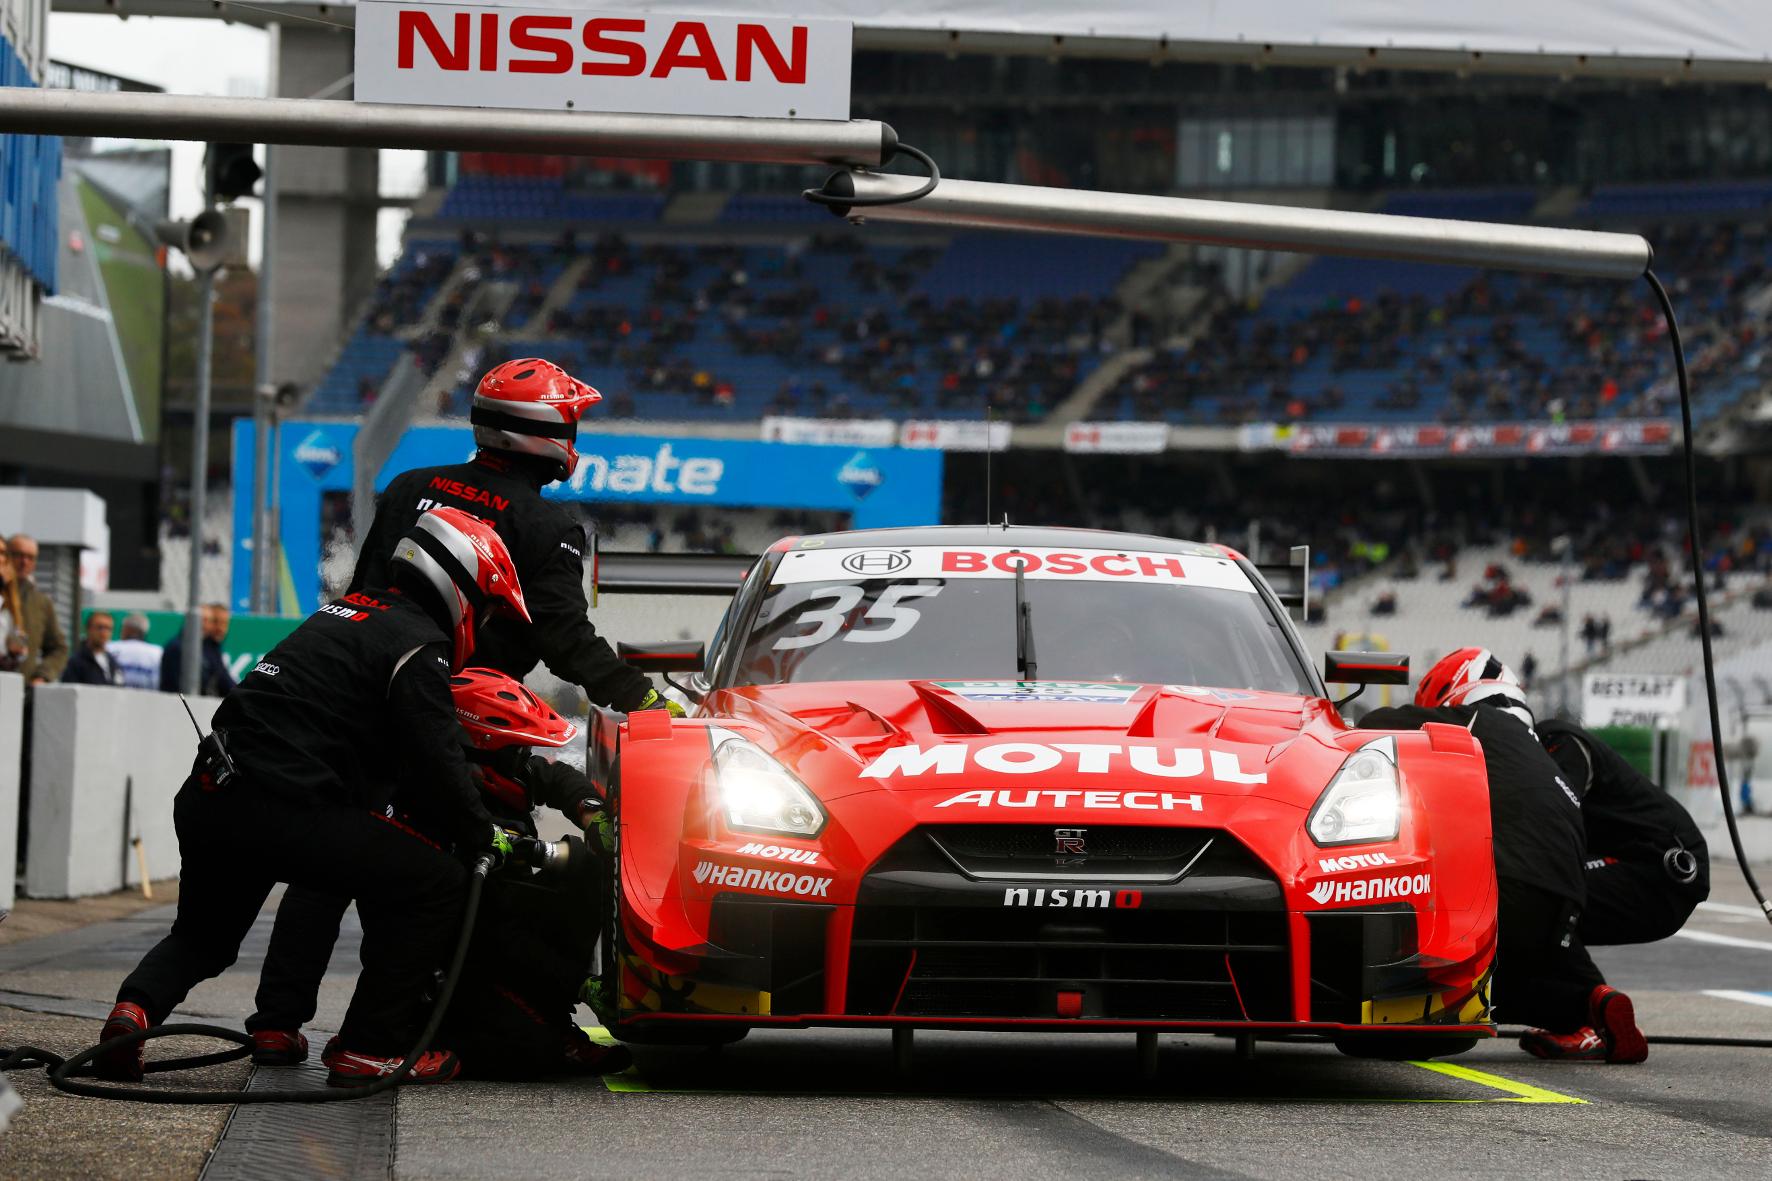 mid Groß-Gerau - Auch der Nissan GT-R NISMO GT500 wird beim Tourenwagen-Spektakel auf dem Fuji Speedway am Start sein. DTM / ITR e.V.